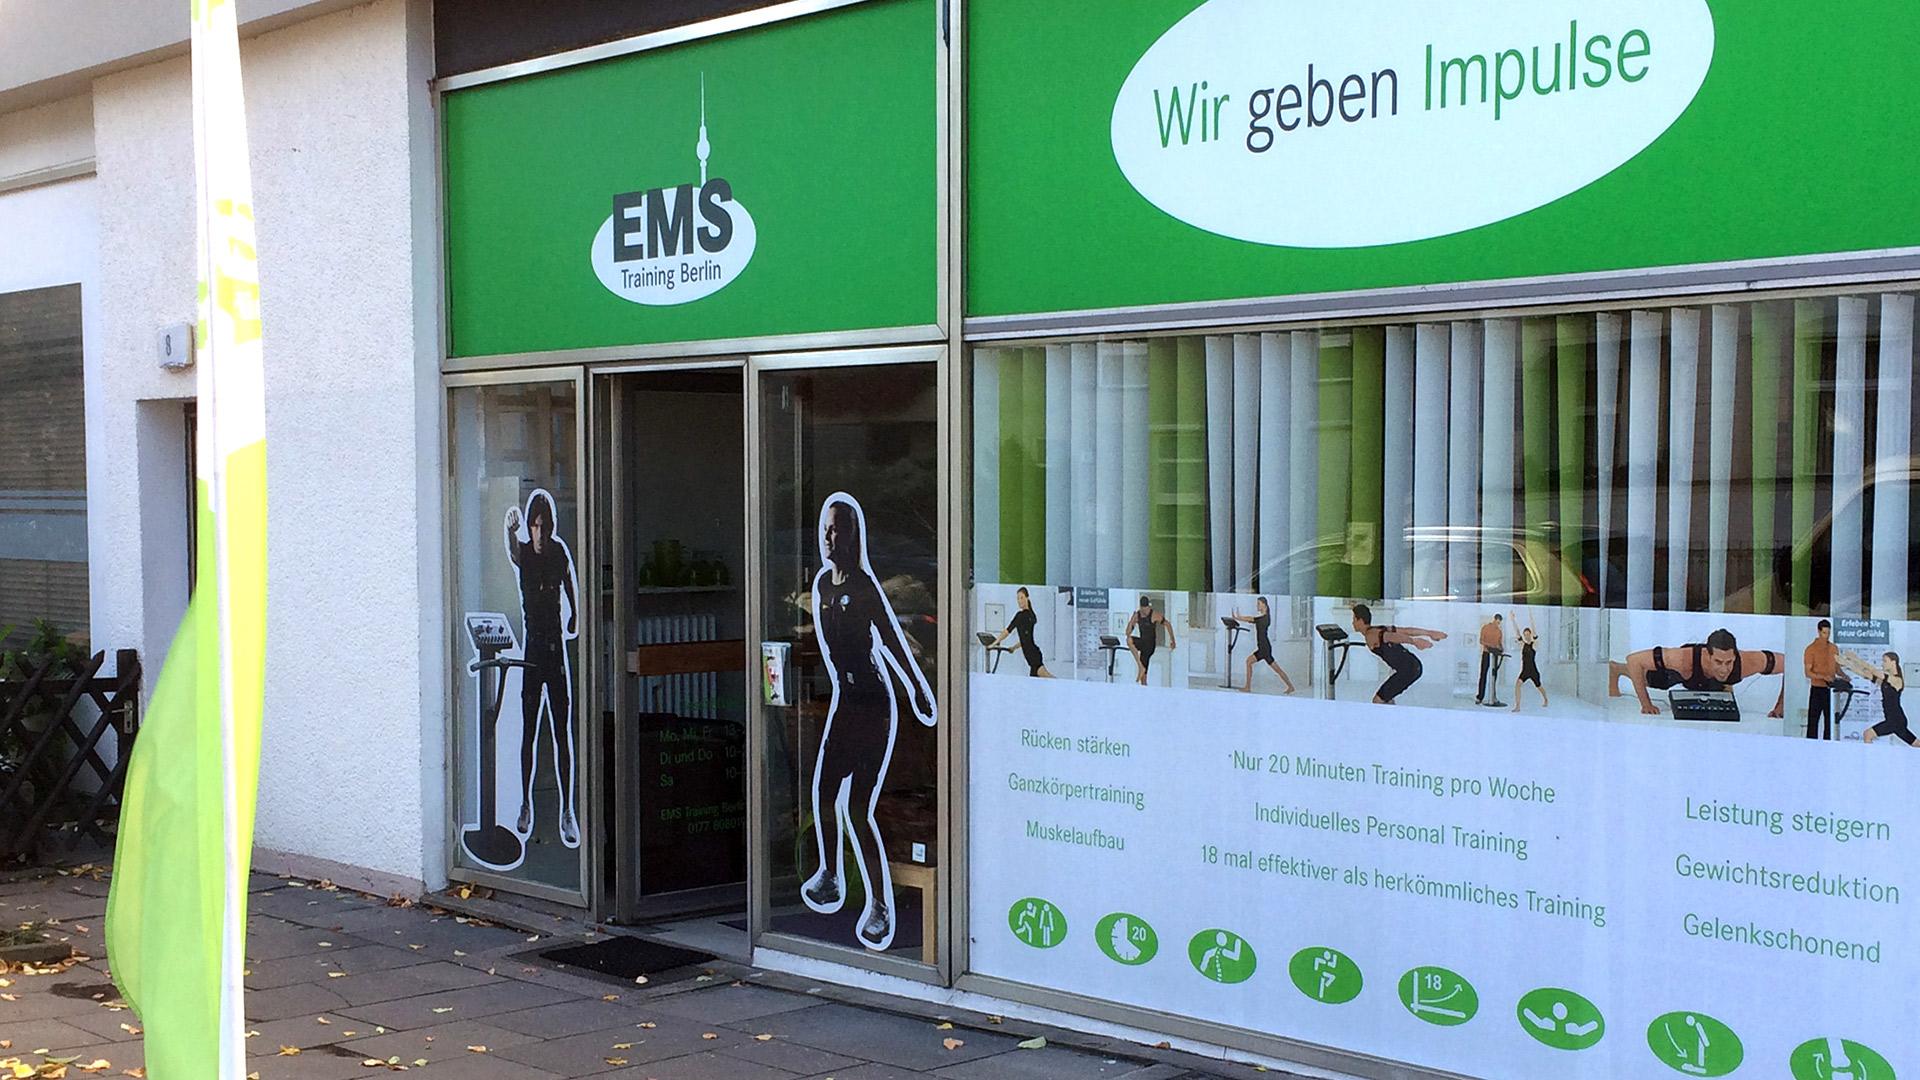 Laden-Berlin-Leuchtwerbung-Matti-Michalke-Berlin-Brandenburg-Aussenwerbung-Innenwerbung-Banner-Planen-Folien-Werbemittel-Druck-Print